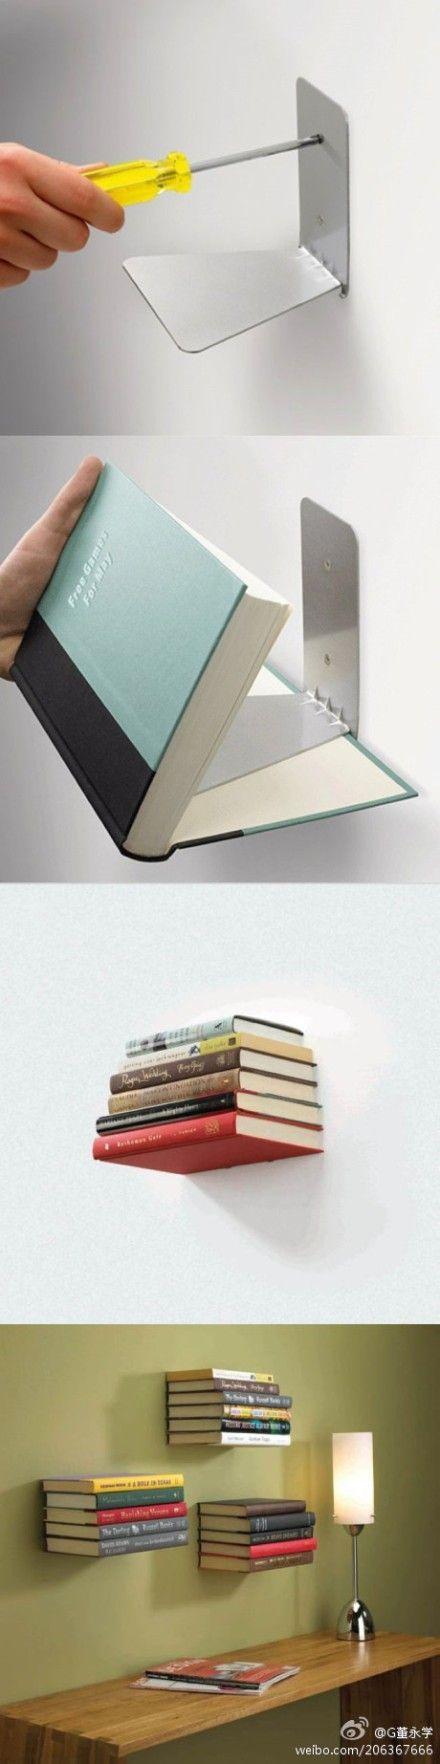 Einfaches Buchregal